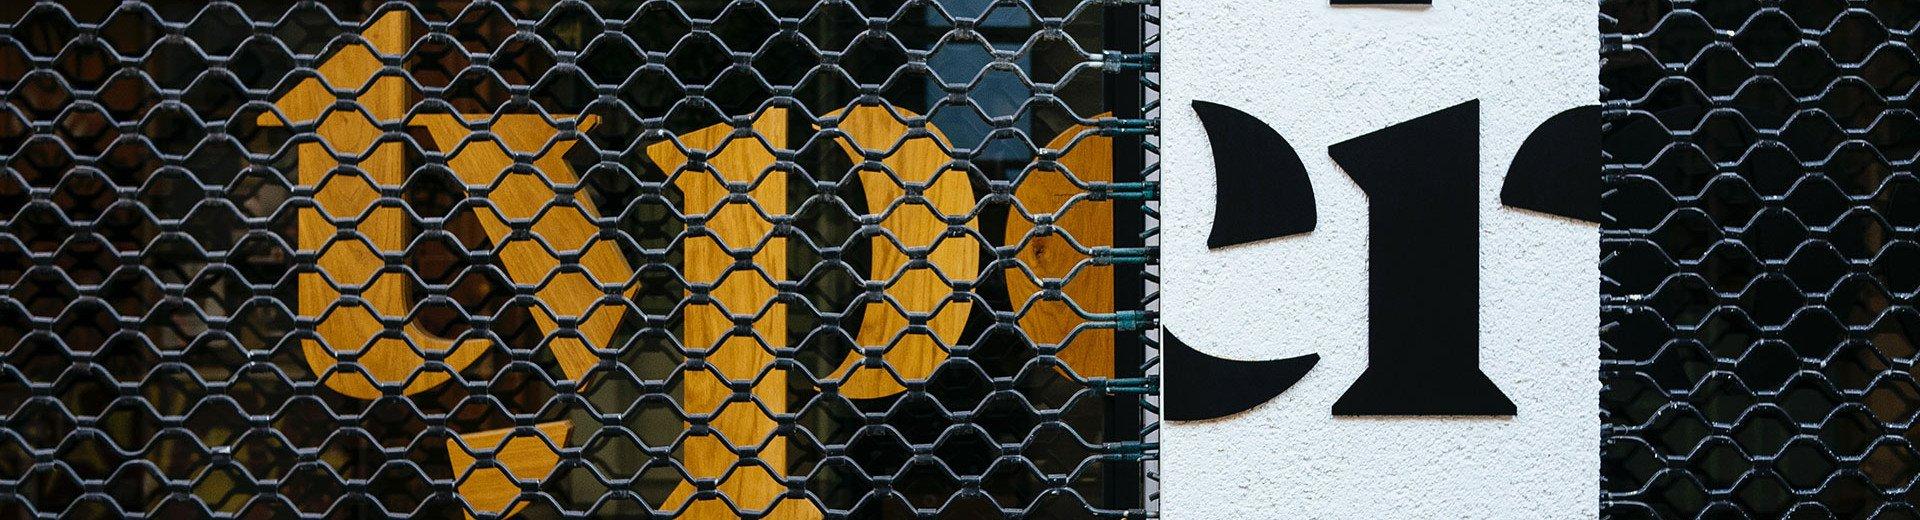 Okładka artykułu Darmowe fonty z polskimi znakami — Część #51